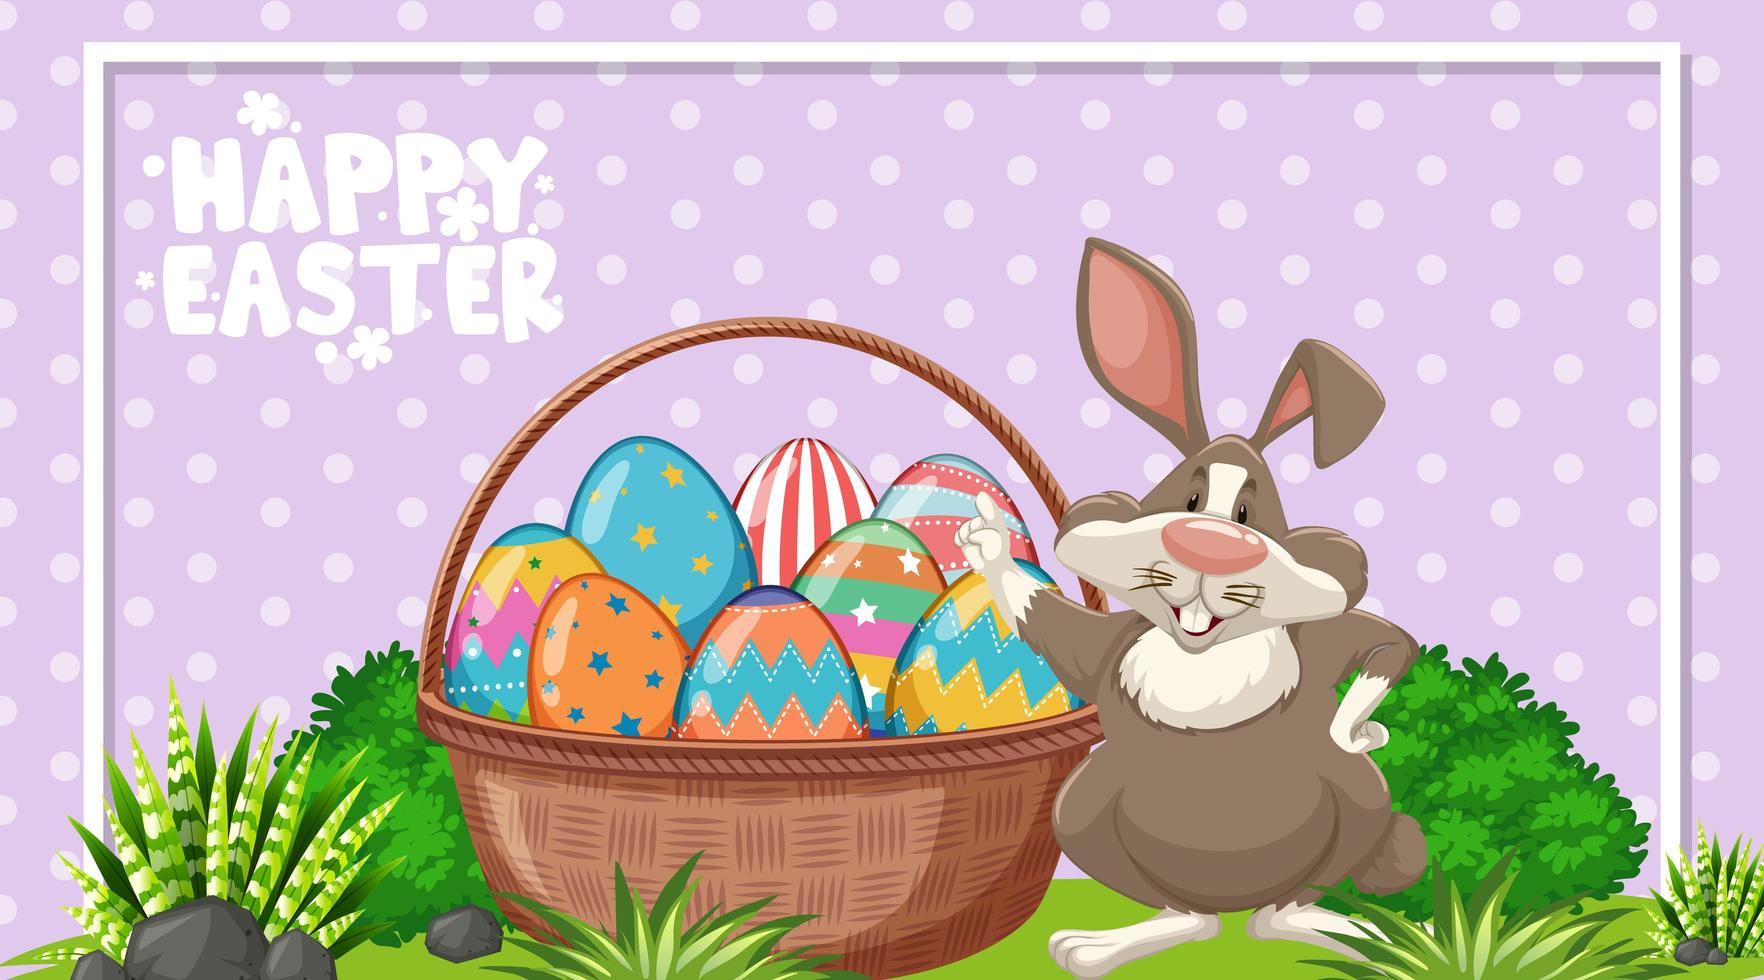 posterontwerp voor Pasen met paashaas vector